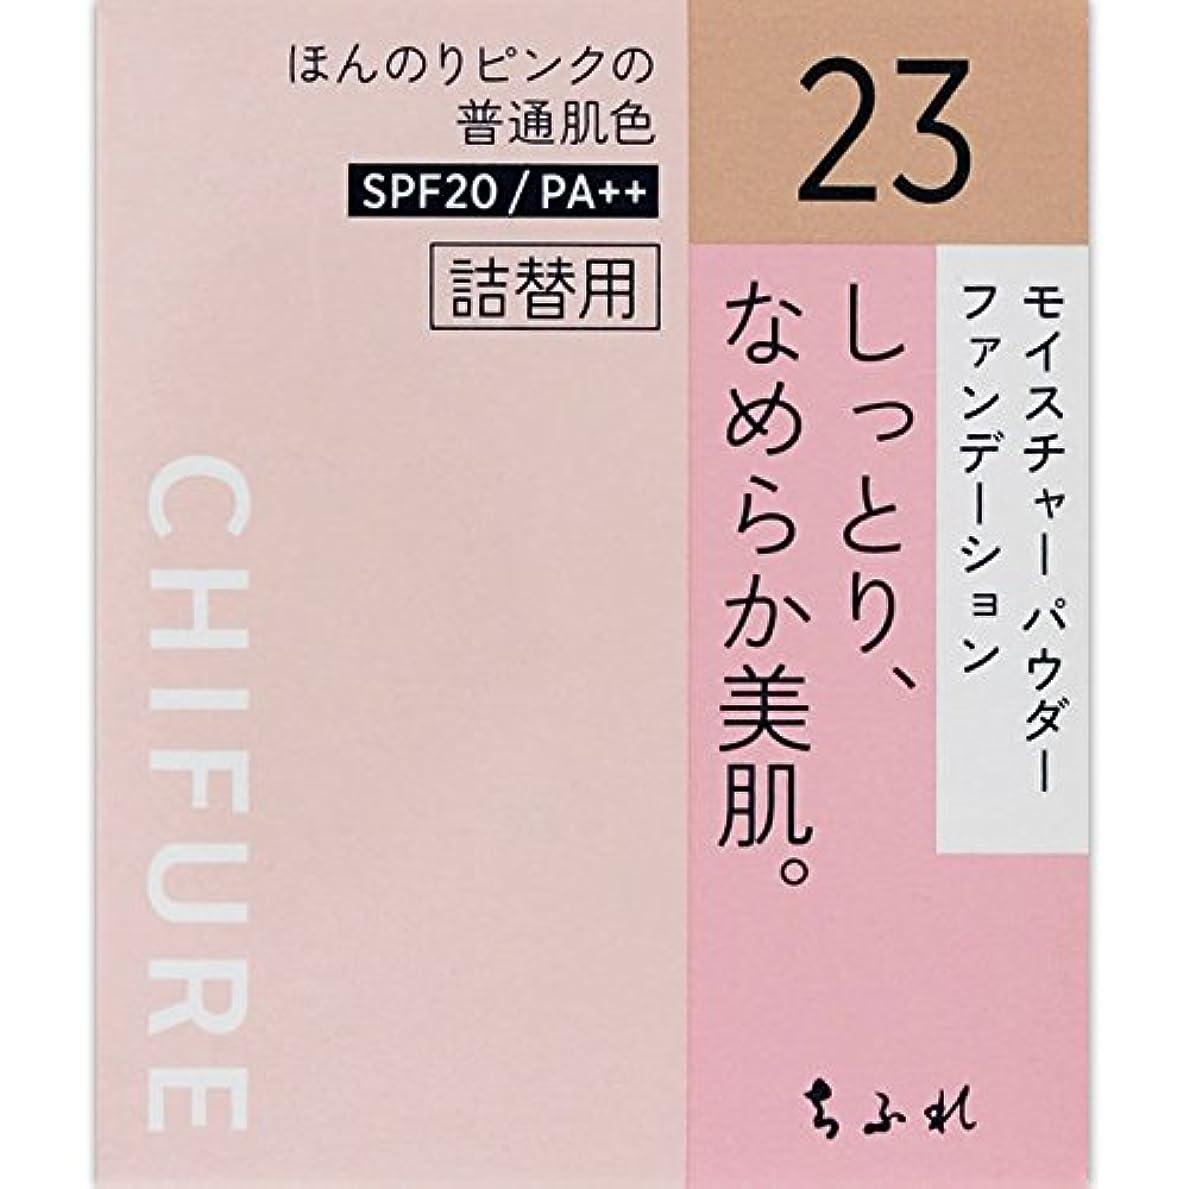 貞ねじれシプリーちふれ化粧品 モイスチャー パウダーファンデーション 詰替用 ピンクオークル系 MパウダーFD詰替用23